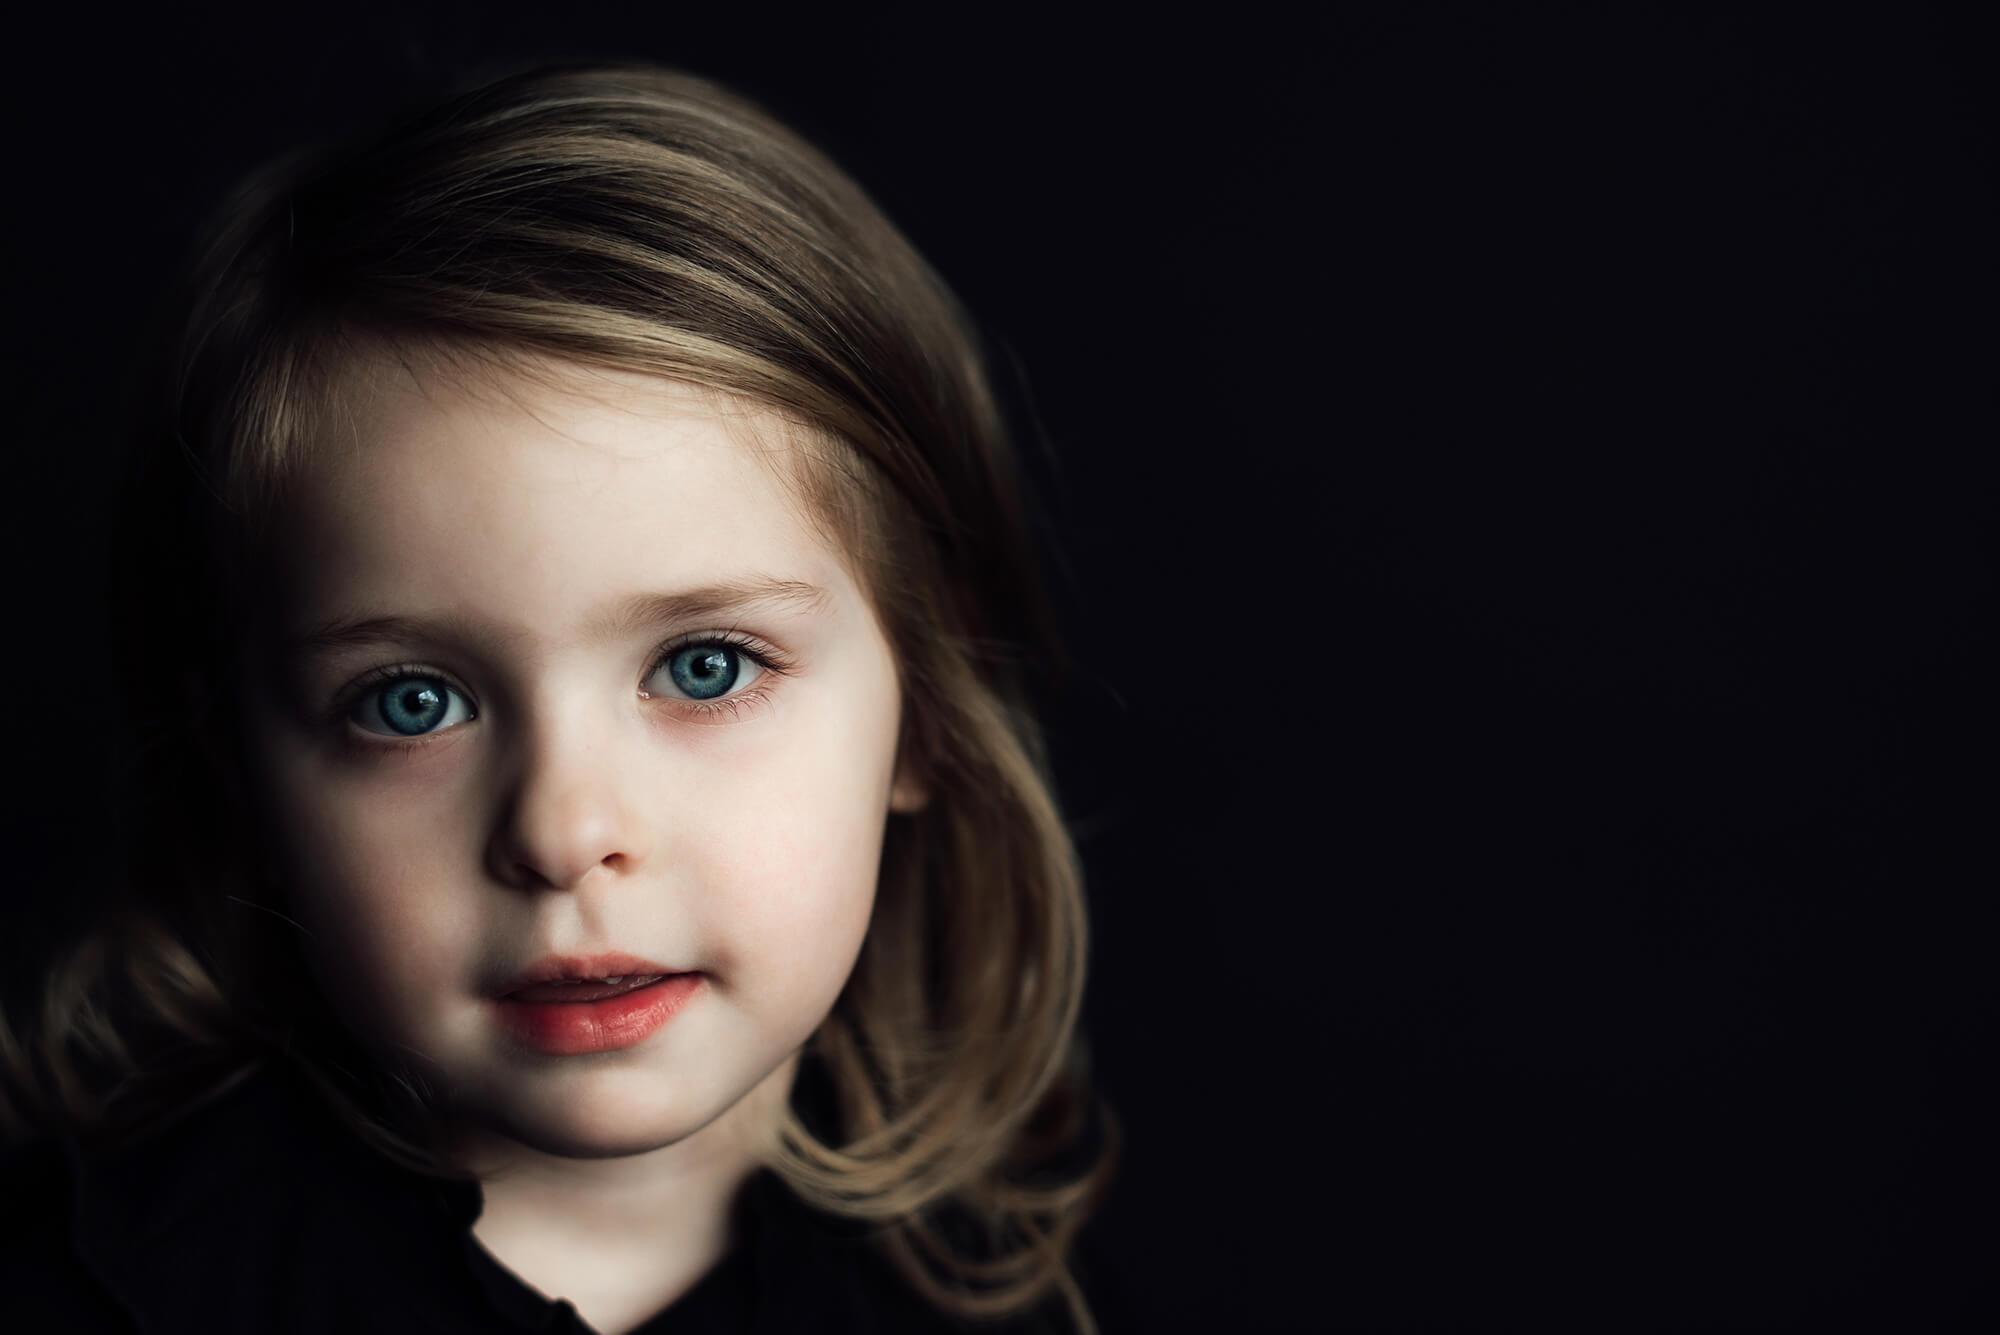 een portret van een kind op zwarte achtergrond. Samen met haar moeder.